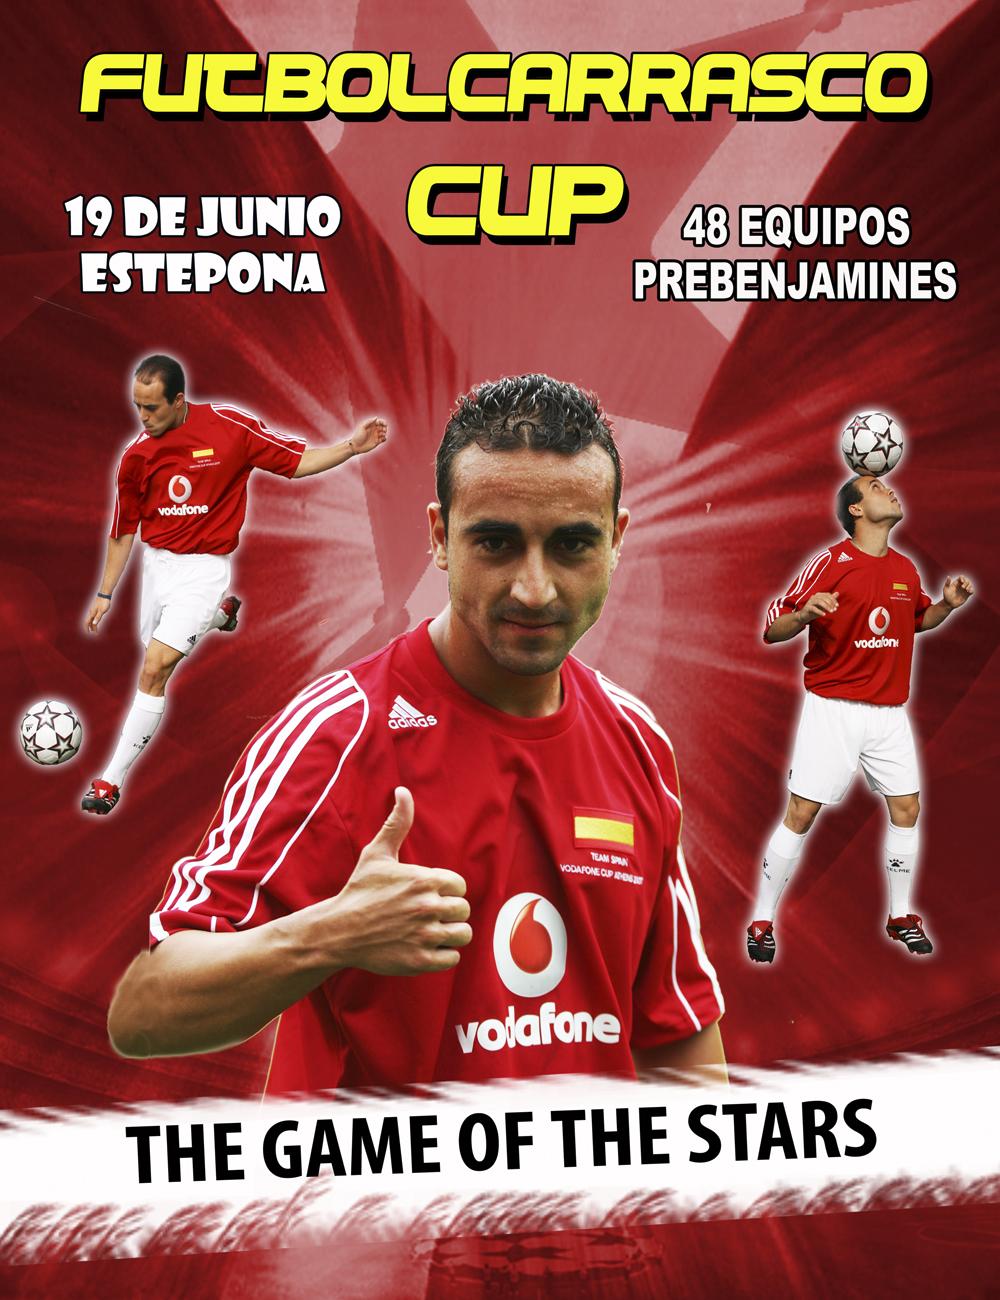 futbolcarrasco cartel fc cup prebenjamin